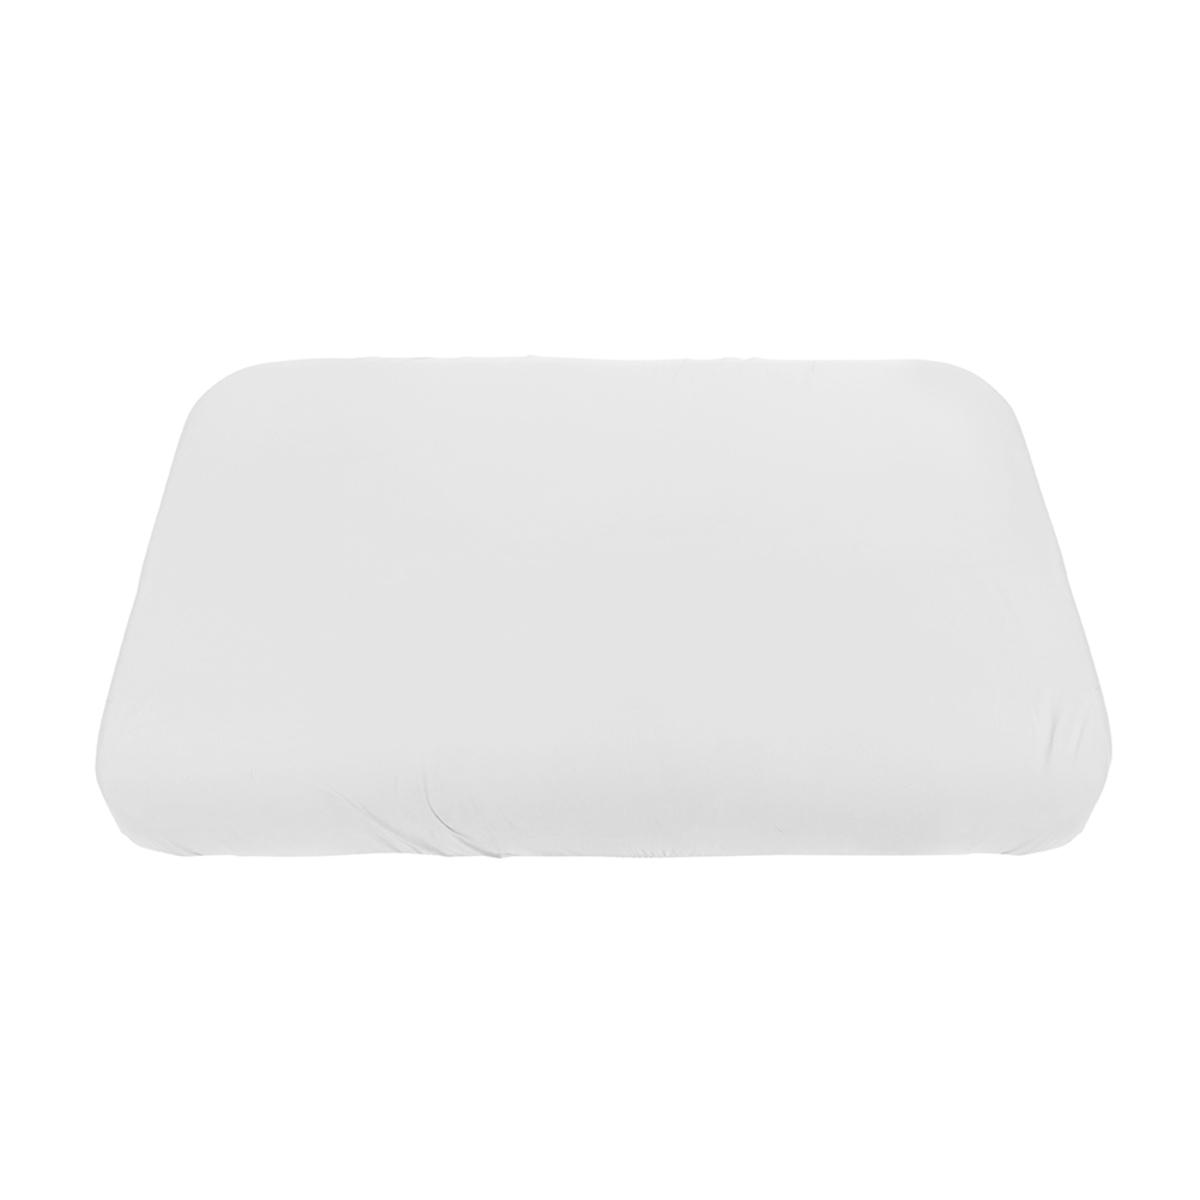 Linge de lit Drap Housse Sebra Bed Blanc - 70 x 120 cm Drap Housse Sebra Bed Blanc - 70 x 120 cm